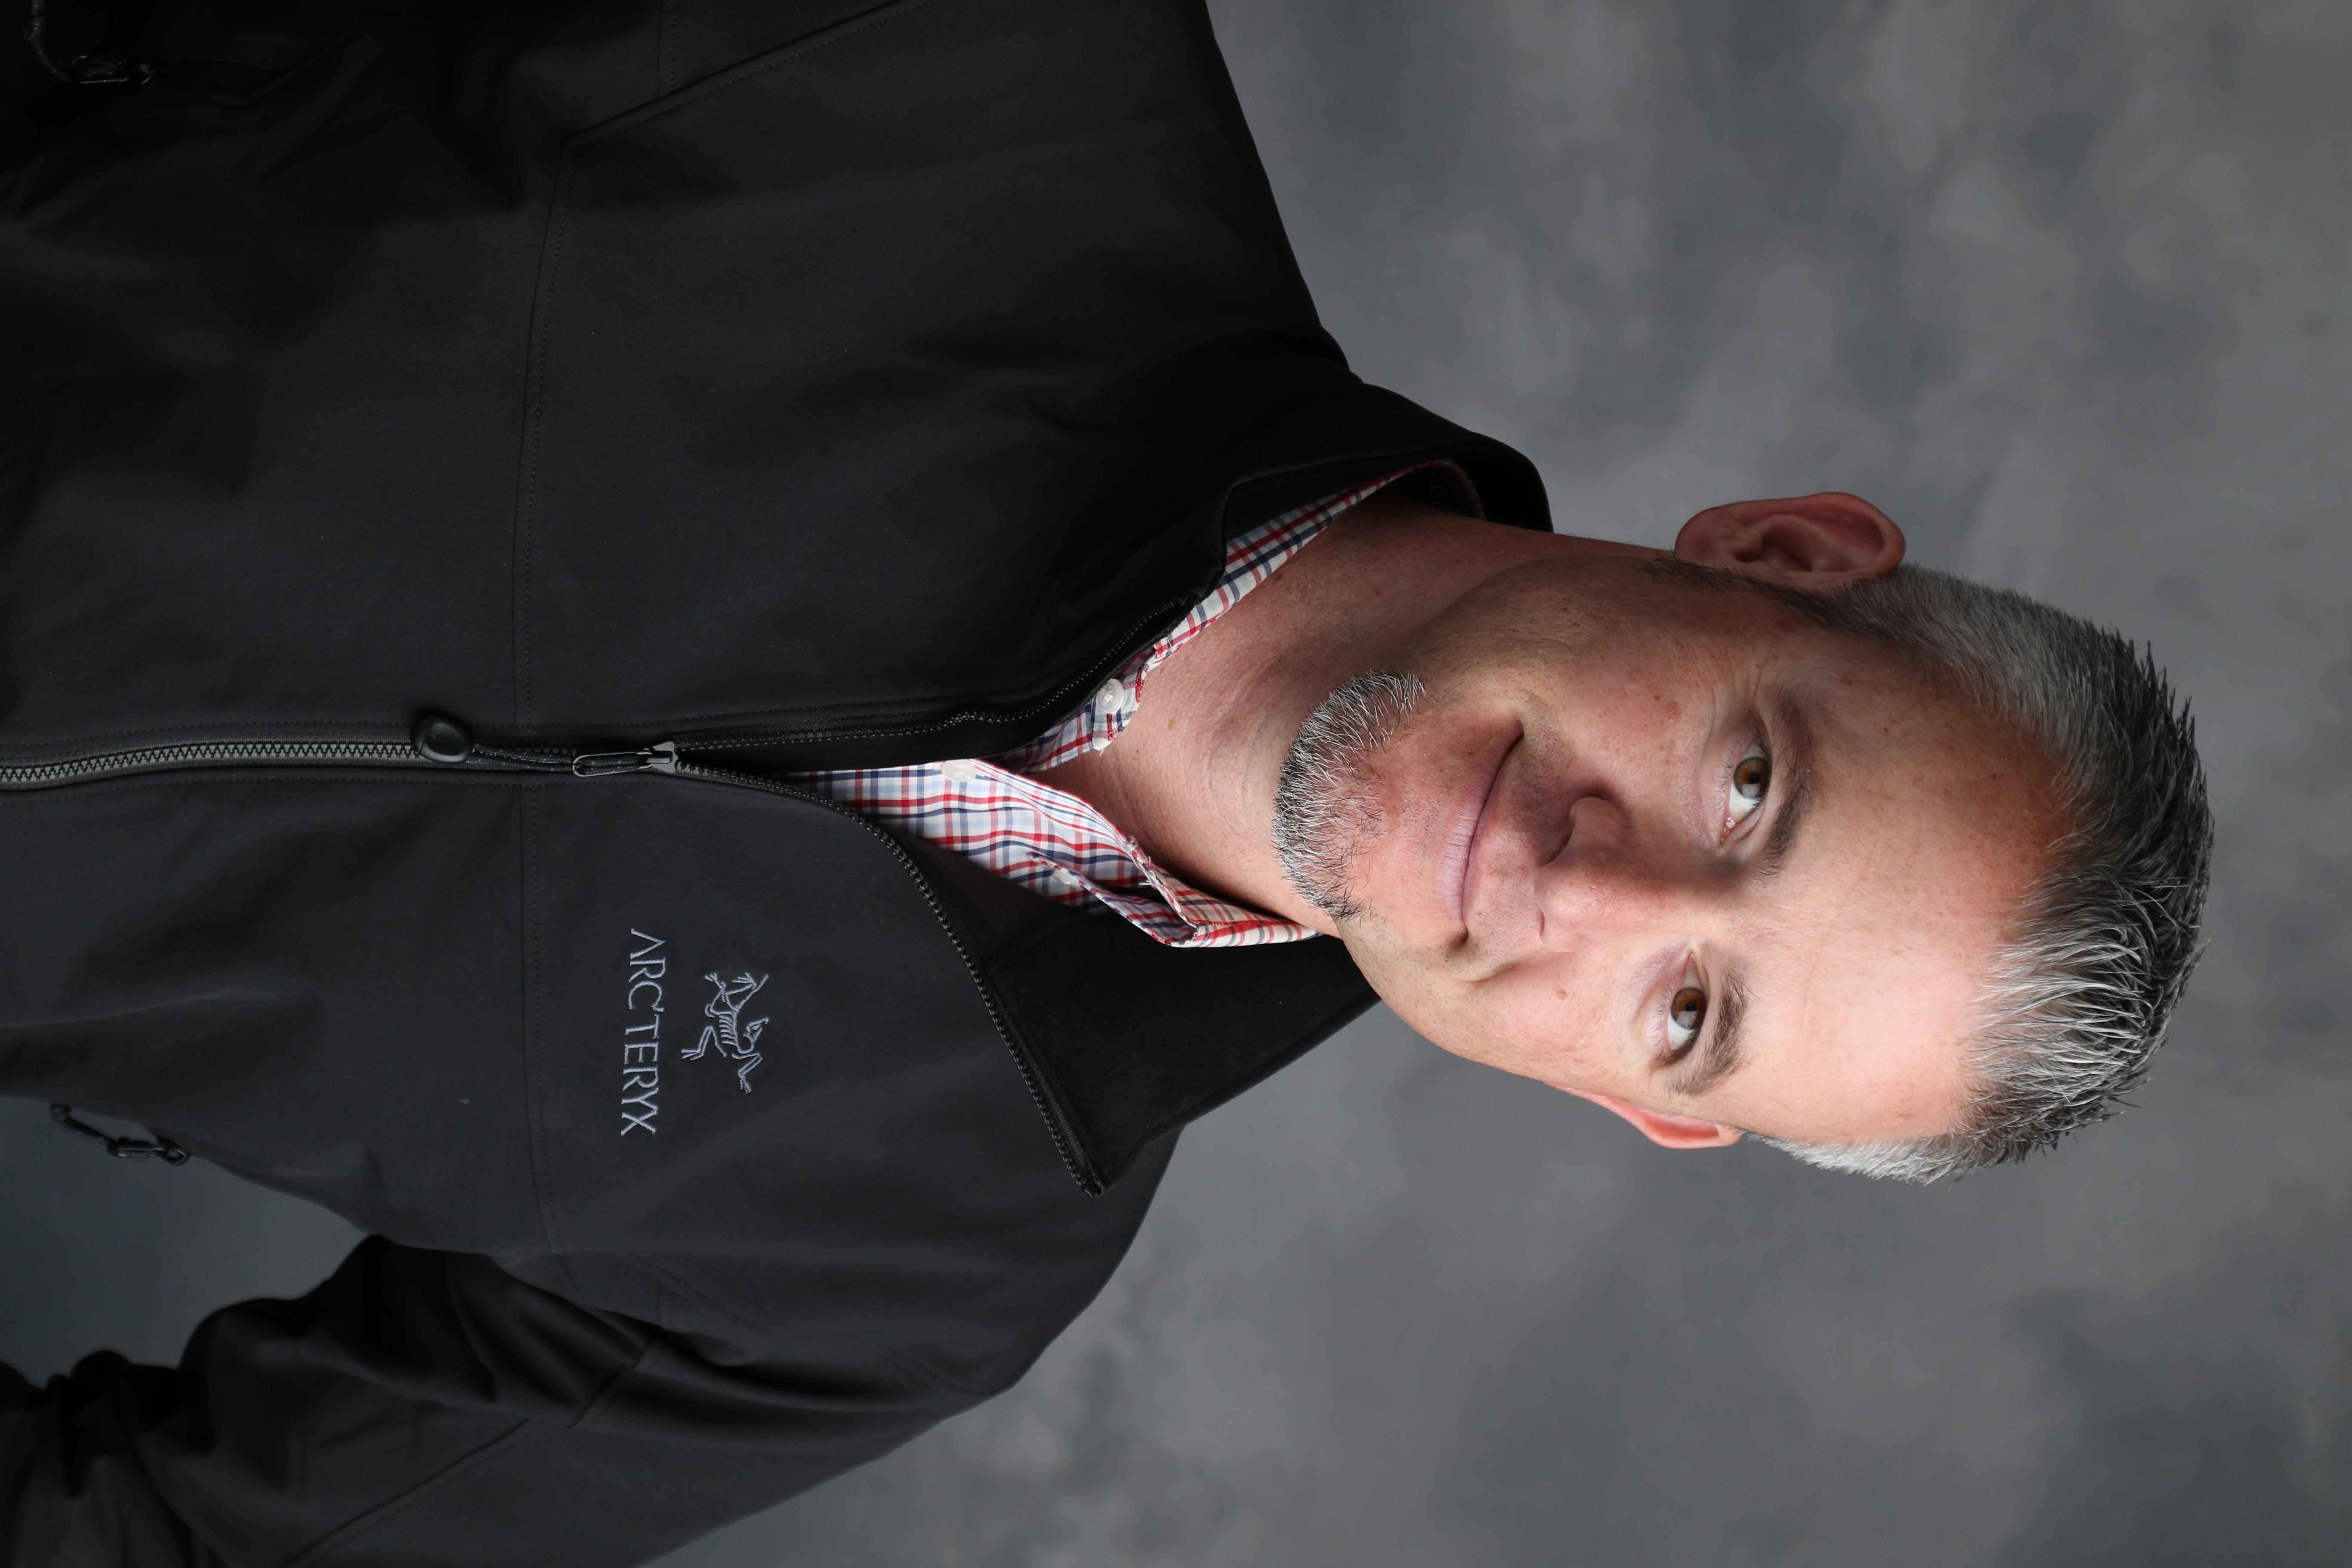 Jay Ackett